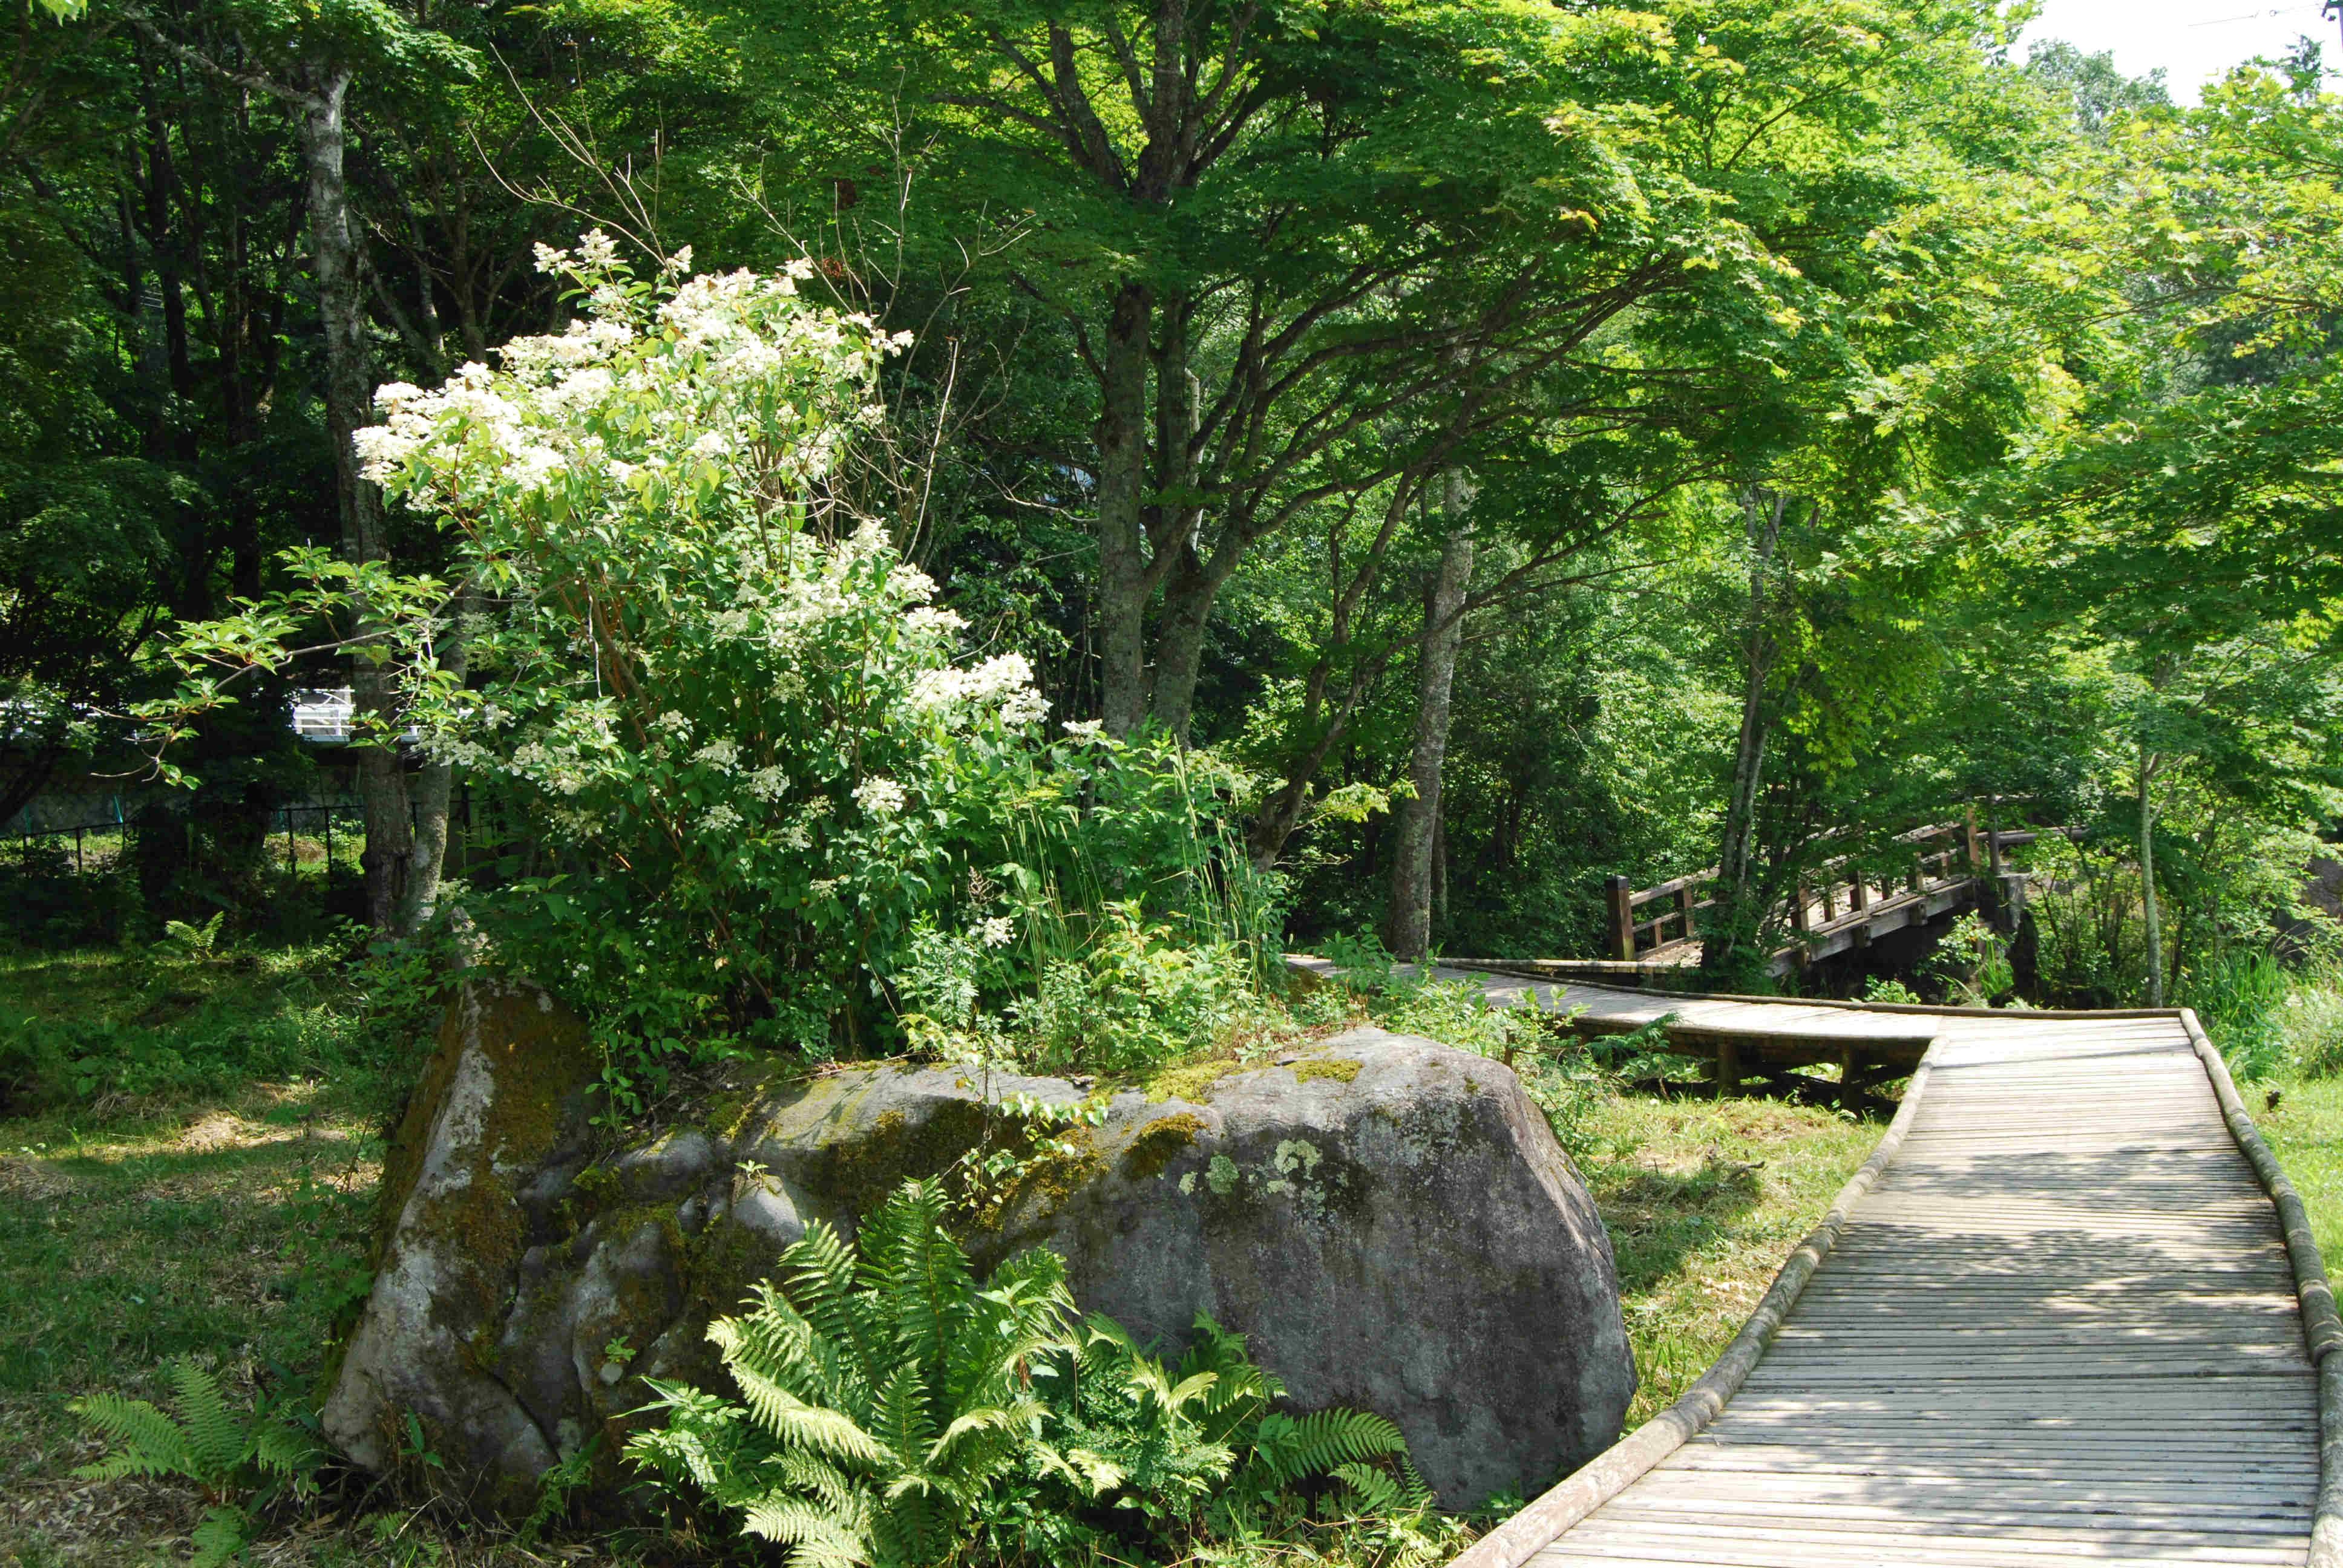 Lake Shirakaba-ko, Chino, Nagano